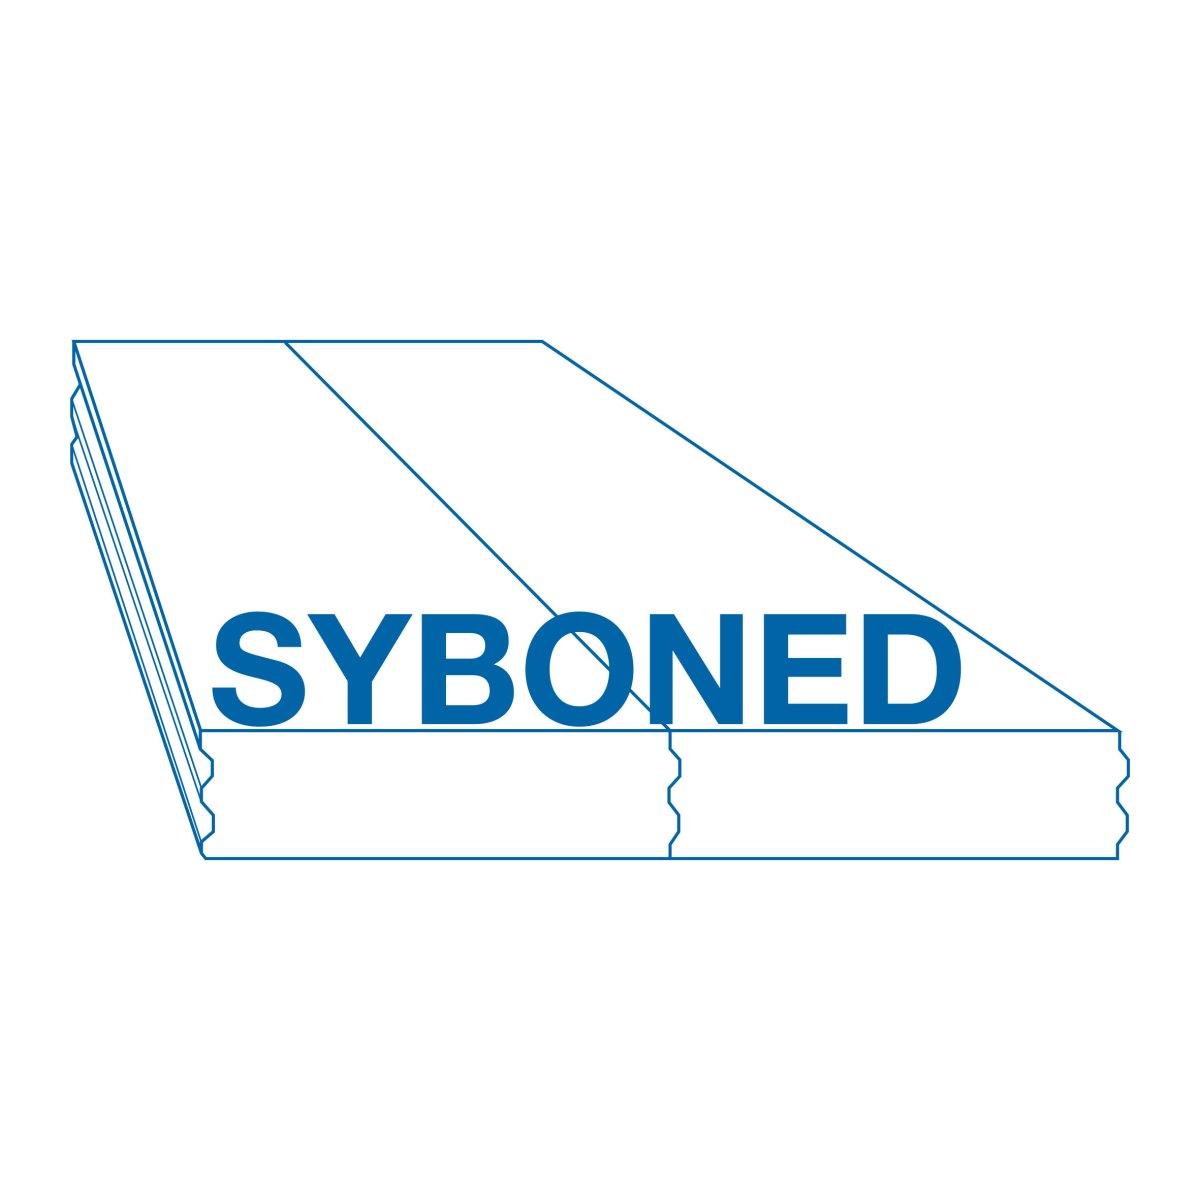 Syboned - Sponsor - GTV Ammerzoden